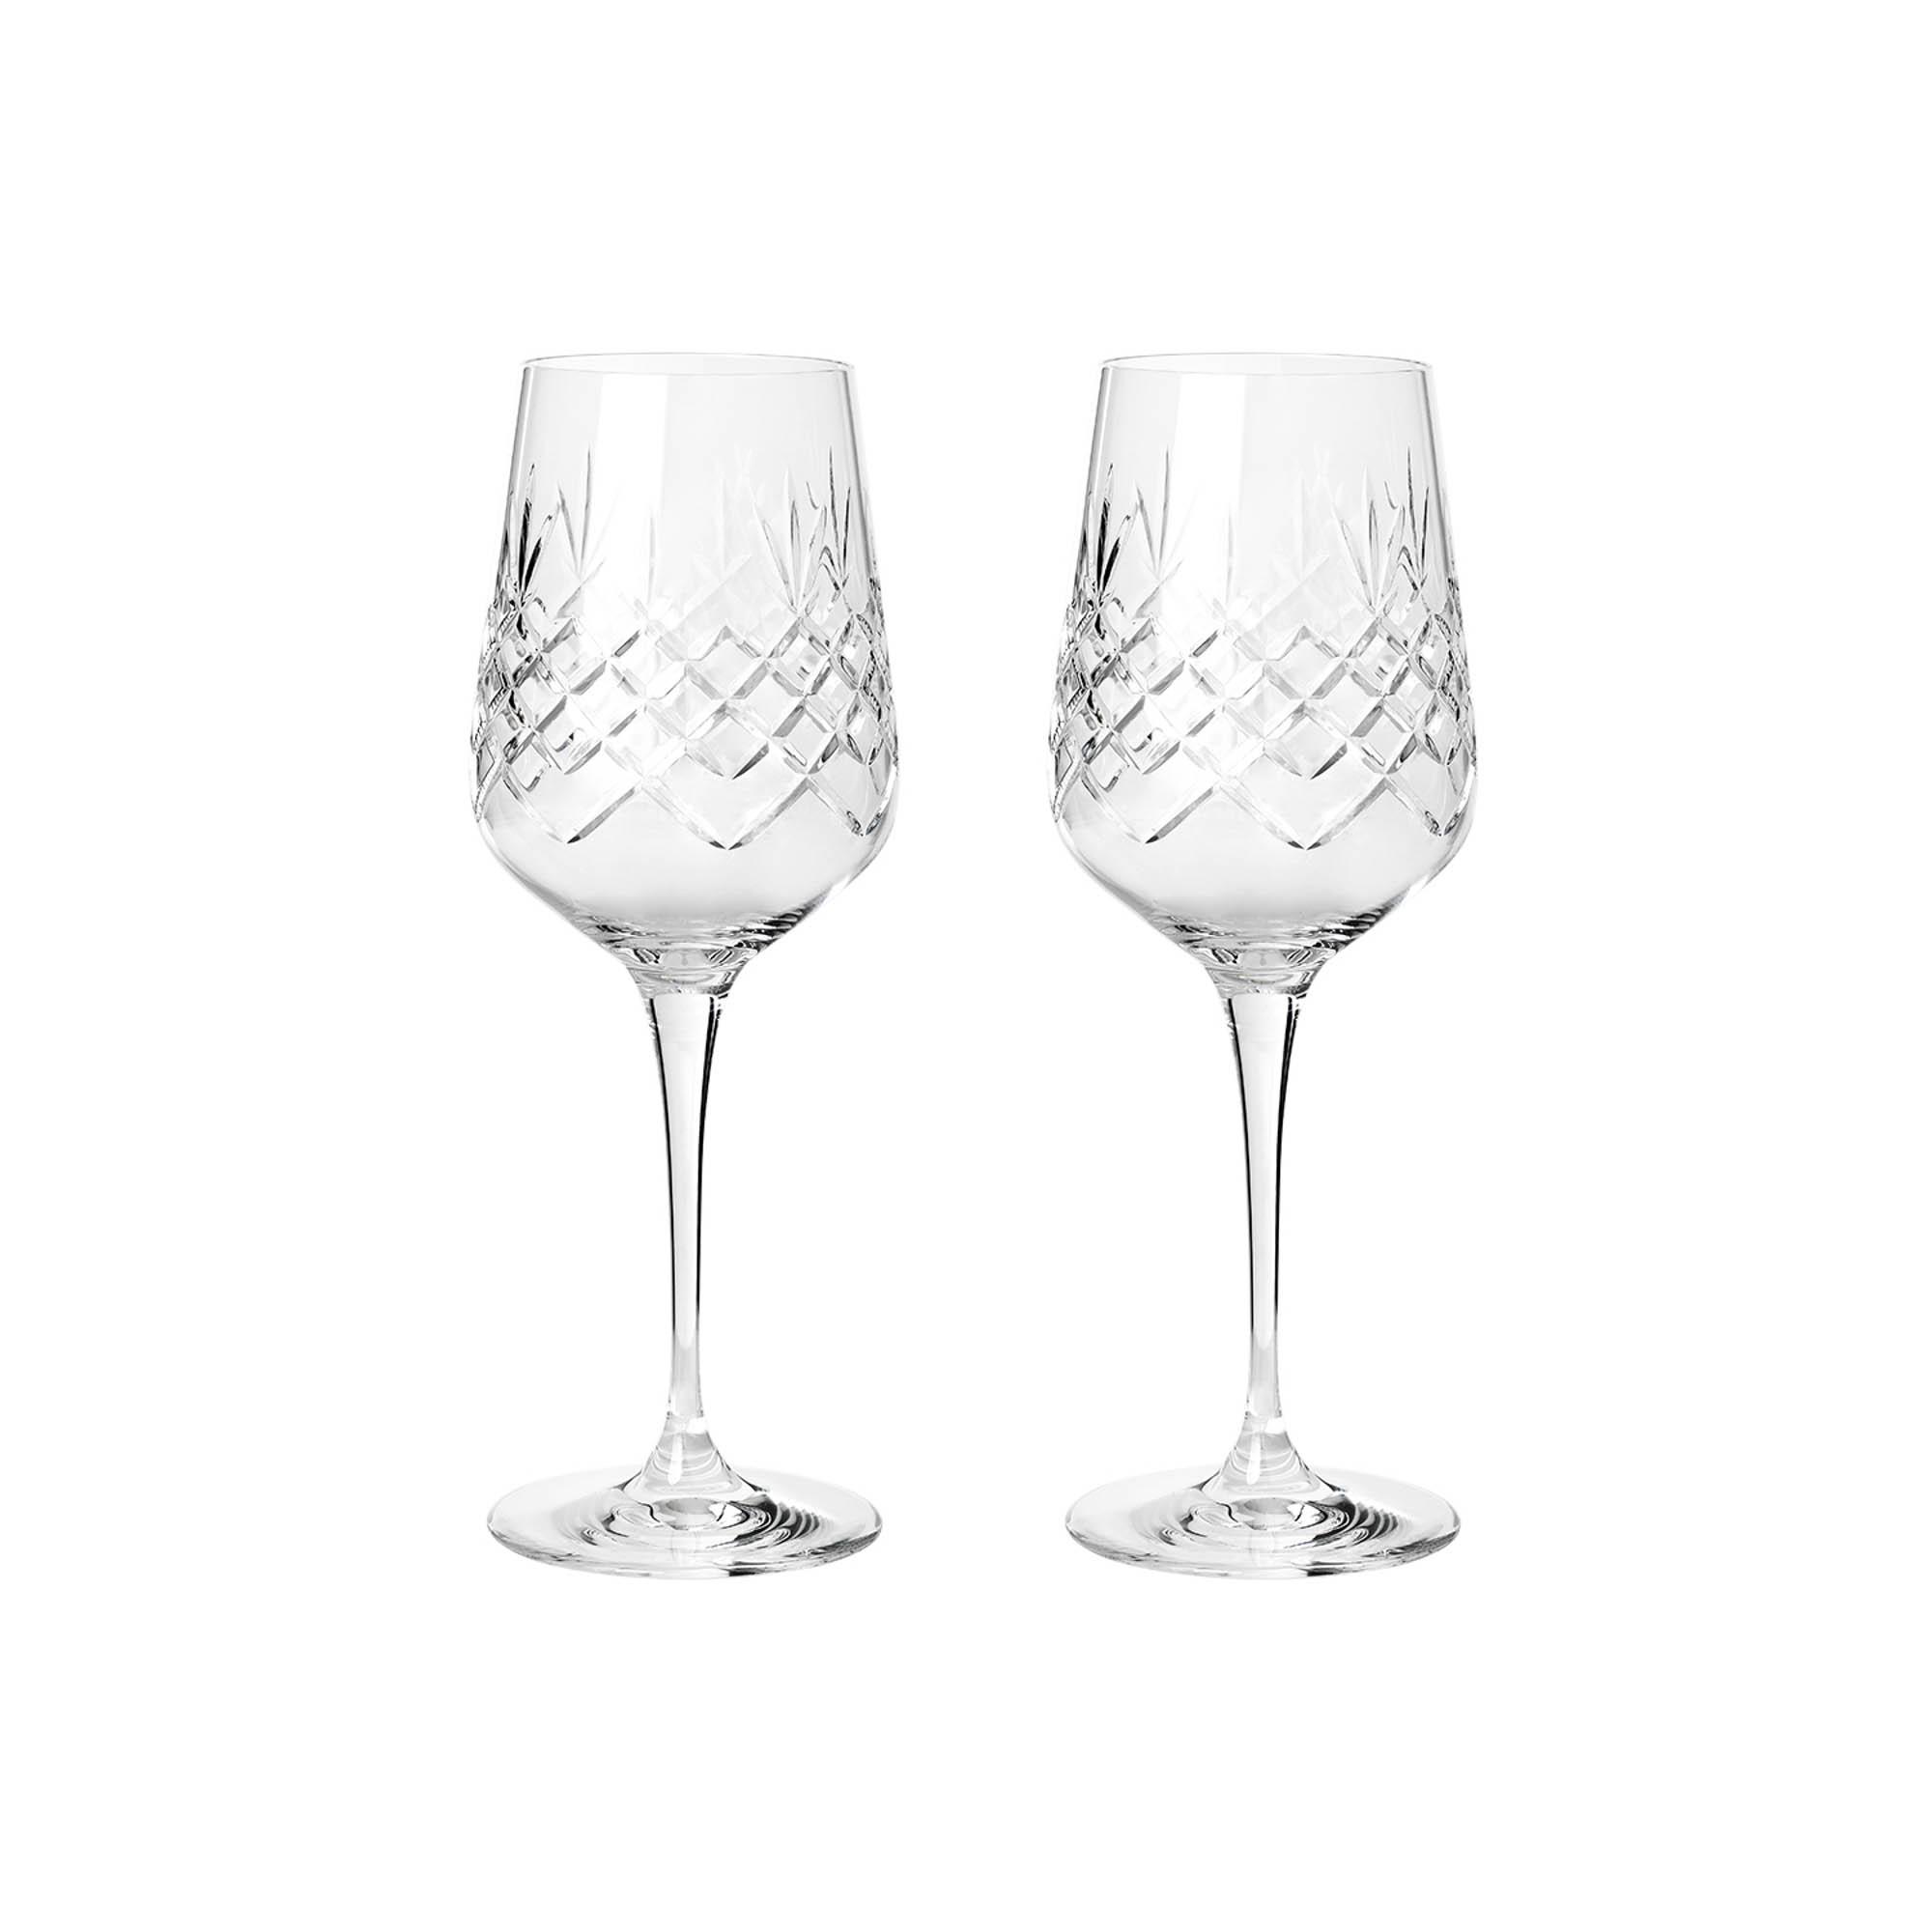 Frederik Bagger Crispy Madame hvidvinsglas, 2 stk